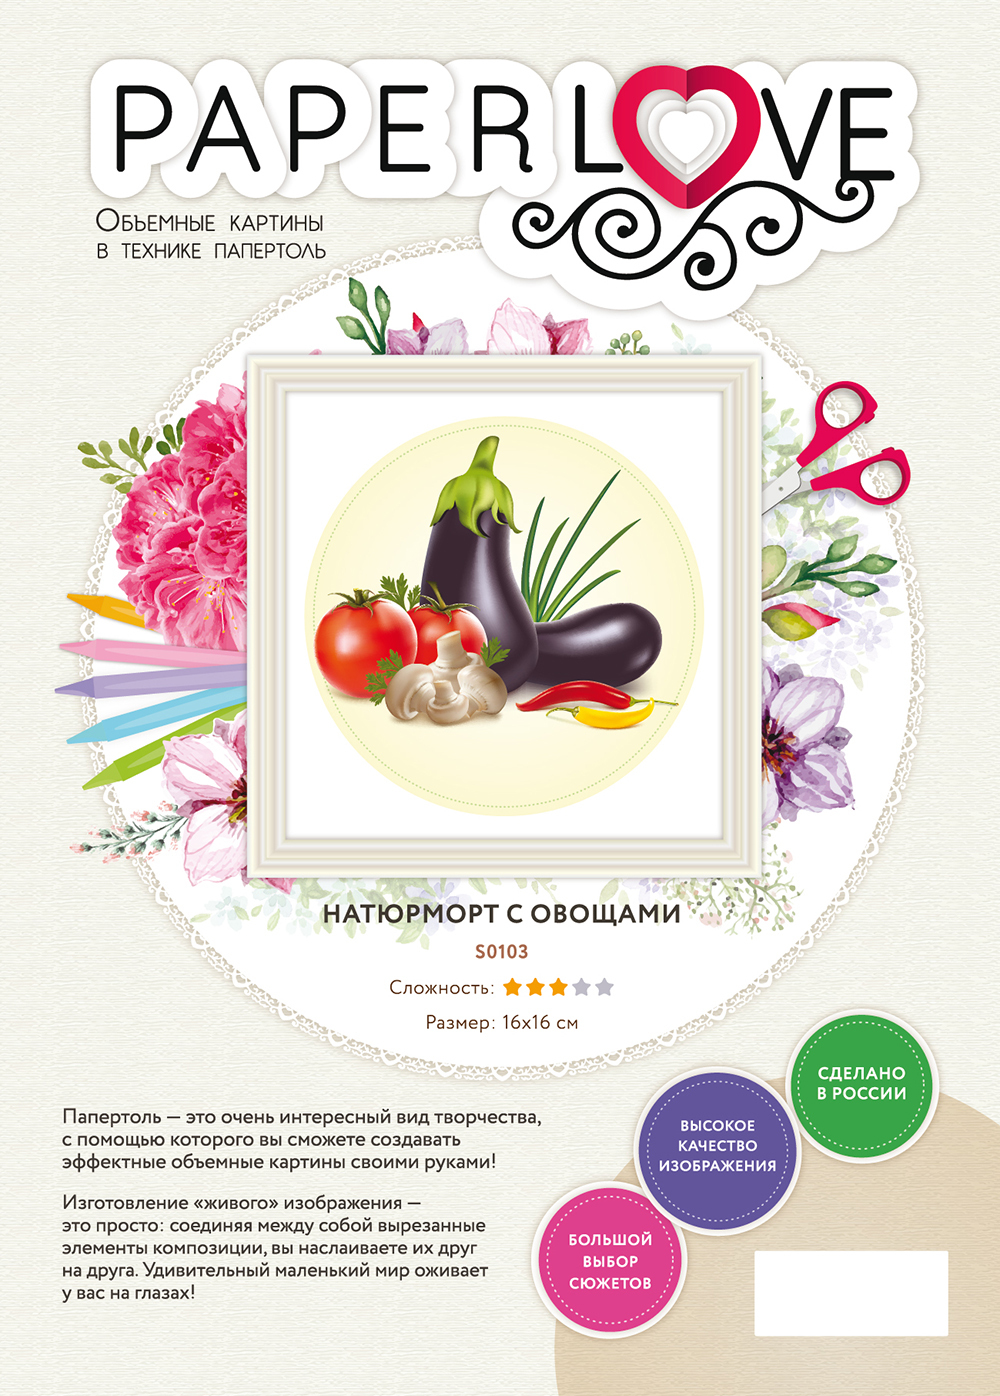 Папертоль Натюрморт с овощами — фотография обложки.